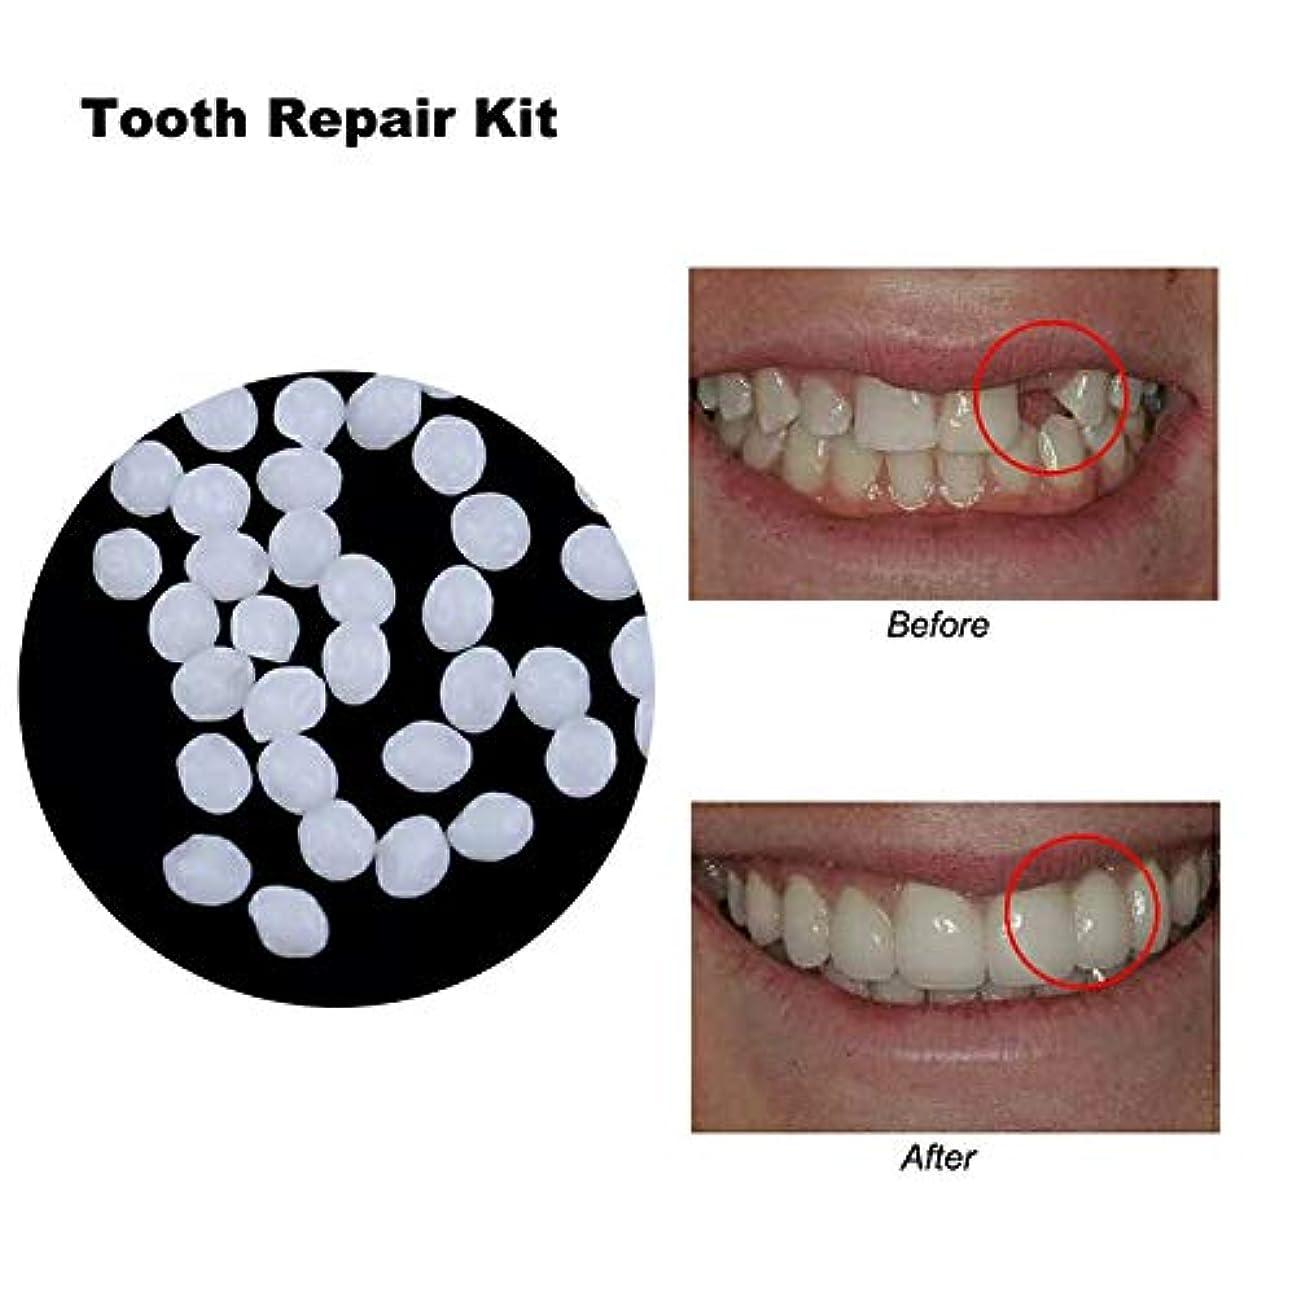 ハプニング豊富な抜本的な偽歯固体接着剤、樹脂の歯とギャップのための一時的な化粧品の歯の修復キットクリエイティブ義歯接着剤,10ml14g